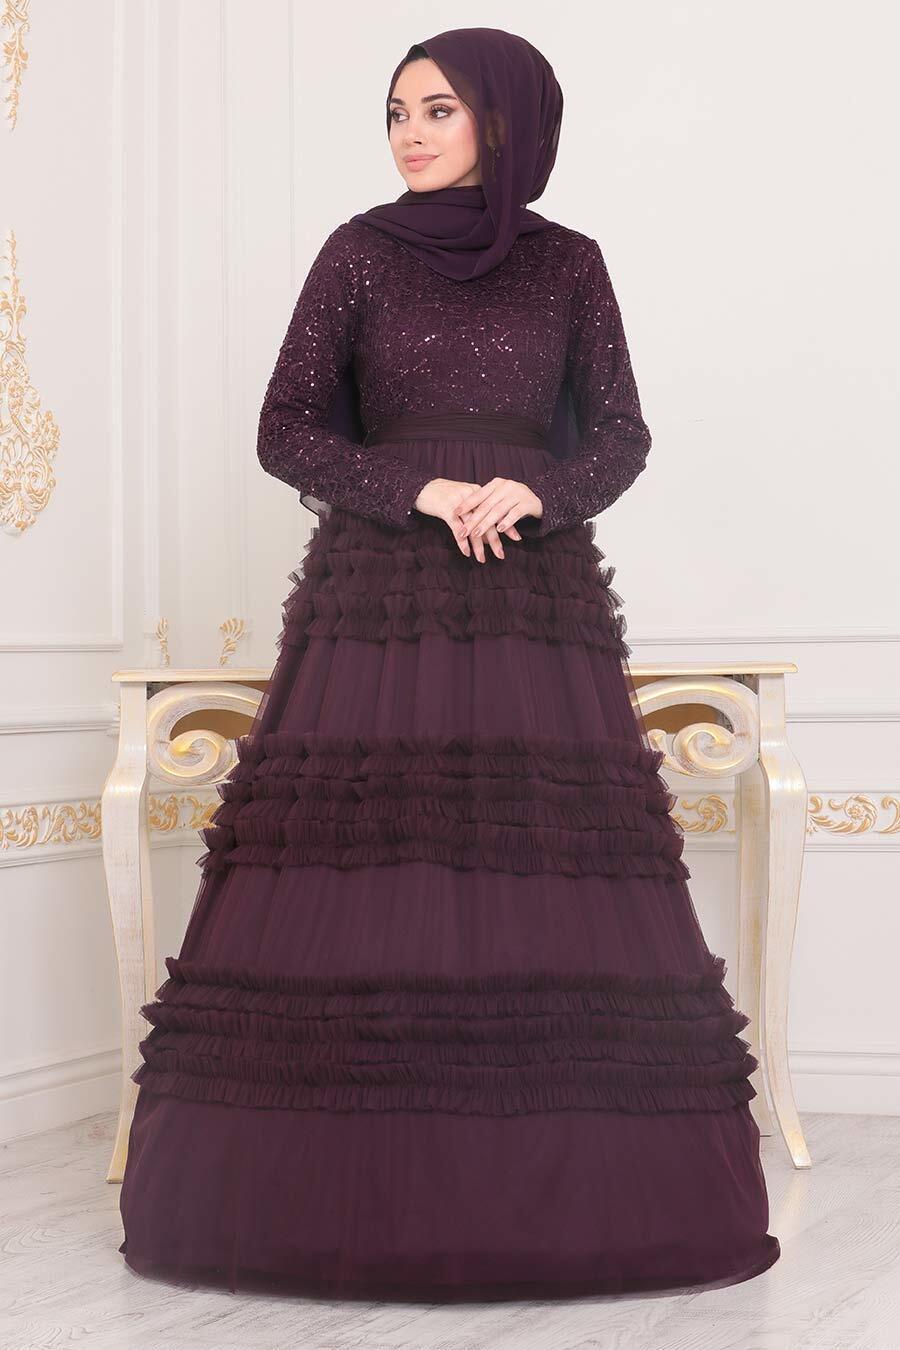 Tesettürlü Abiye Elbise - Fırfır Detaylı Mürdüm Tesettür Abiye Elbise 25770MU